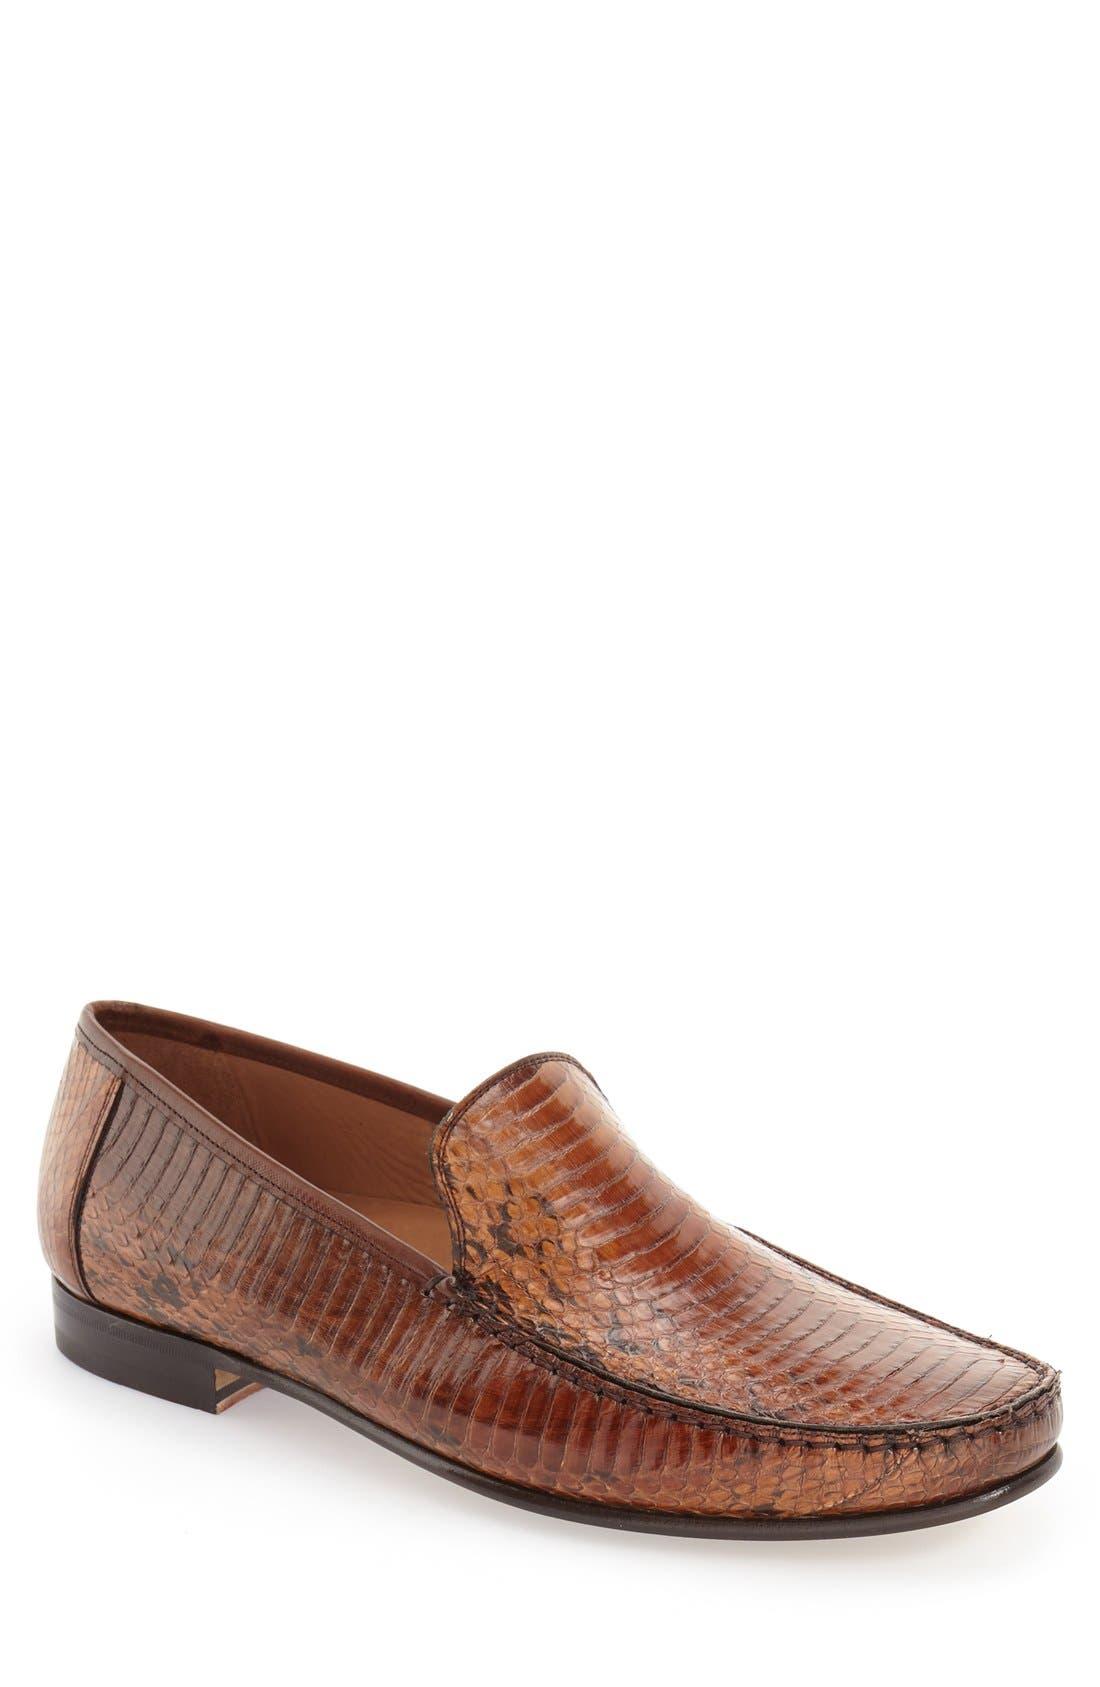 MEZLAN 'Dali' Genuine Snakeskin Venetian Loafer